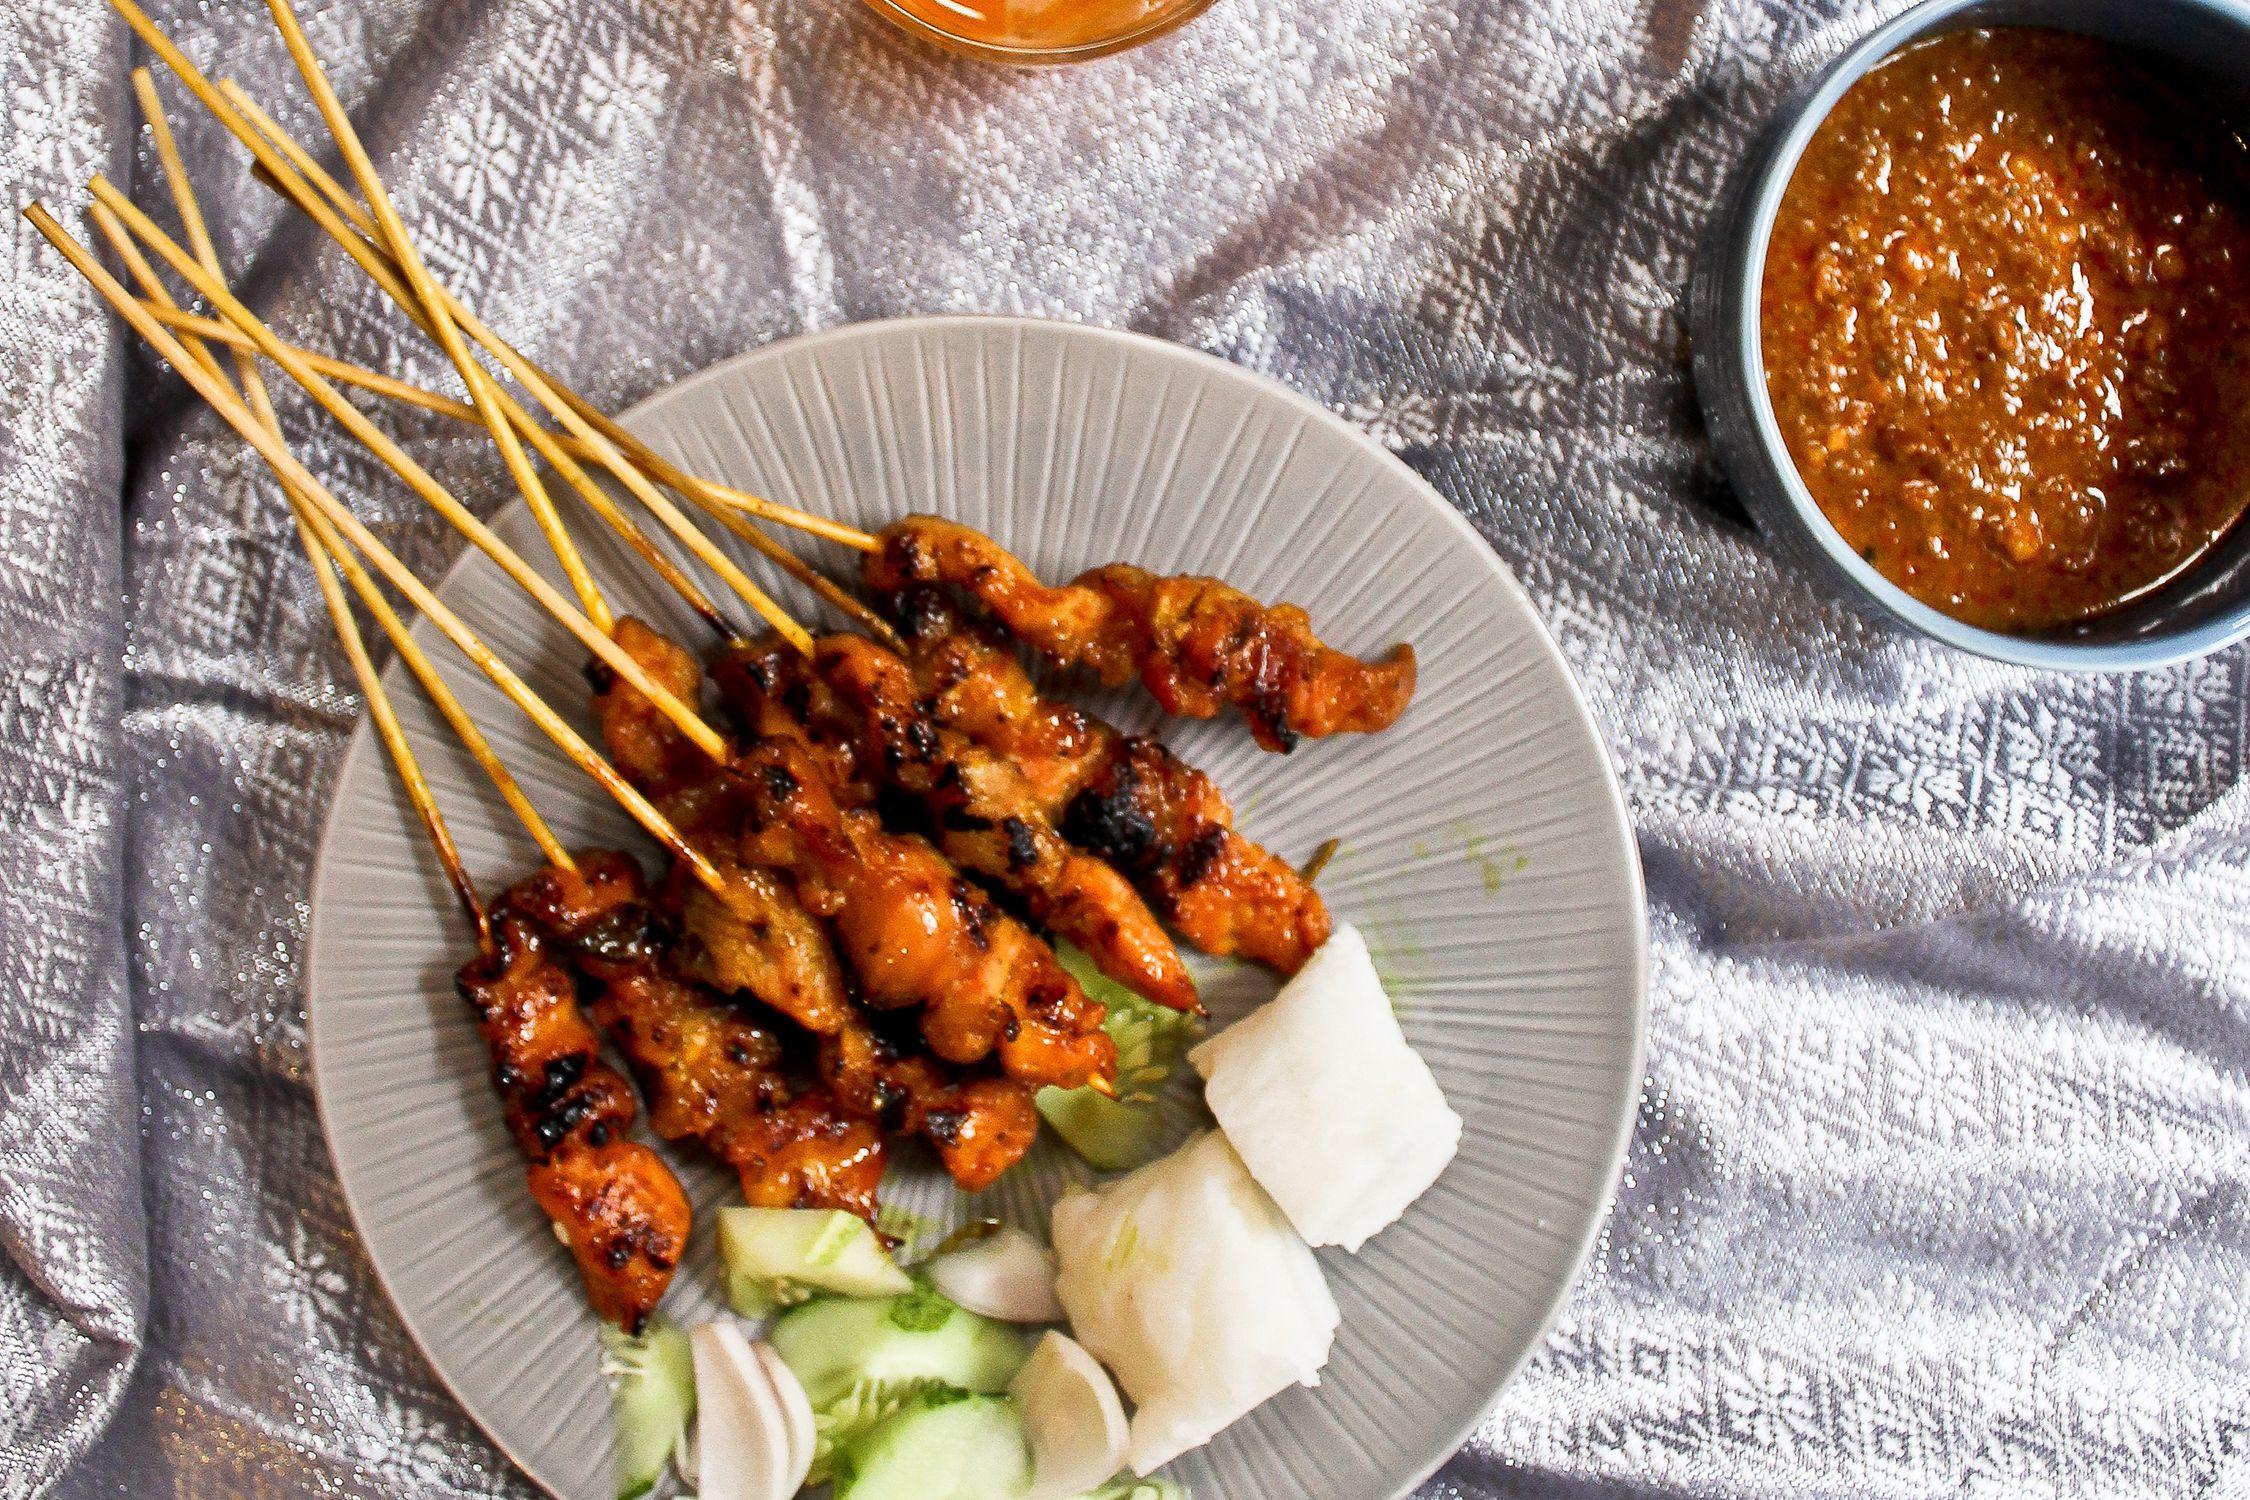 I 10 migliori cibi popolari dell'Asia (part 2)